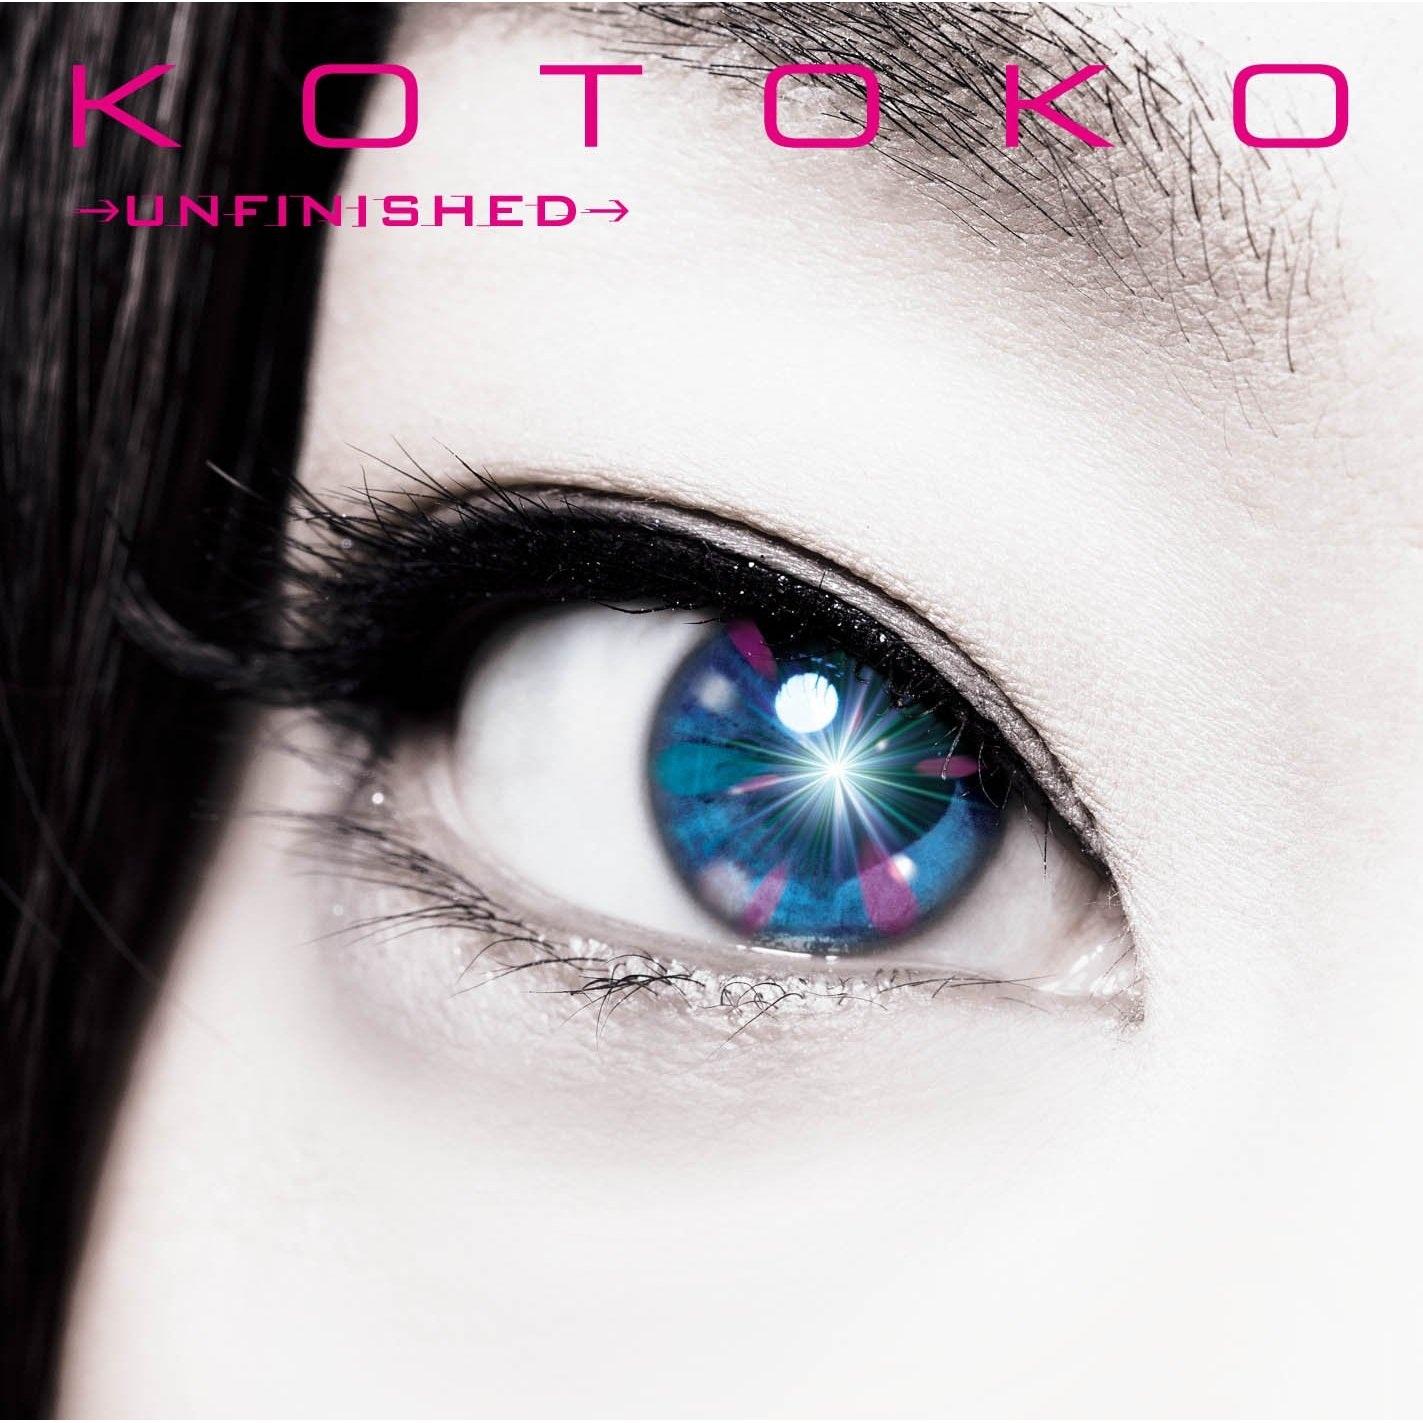 KOTOKO - unfinished (Accel World ED Single) + Lyric